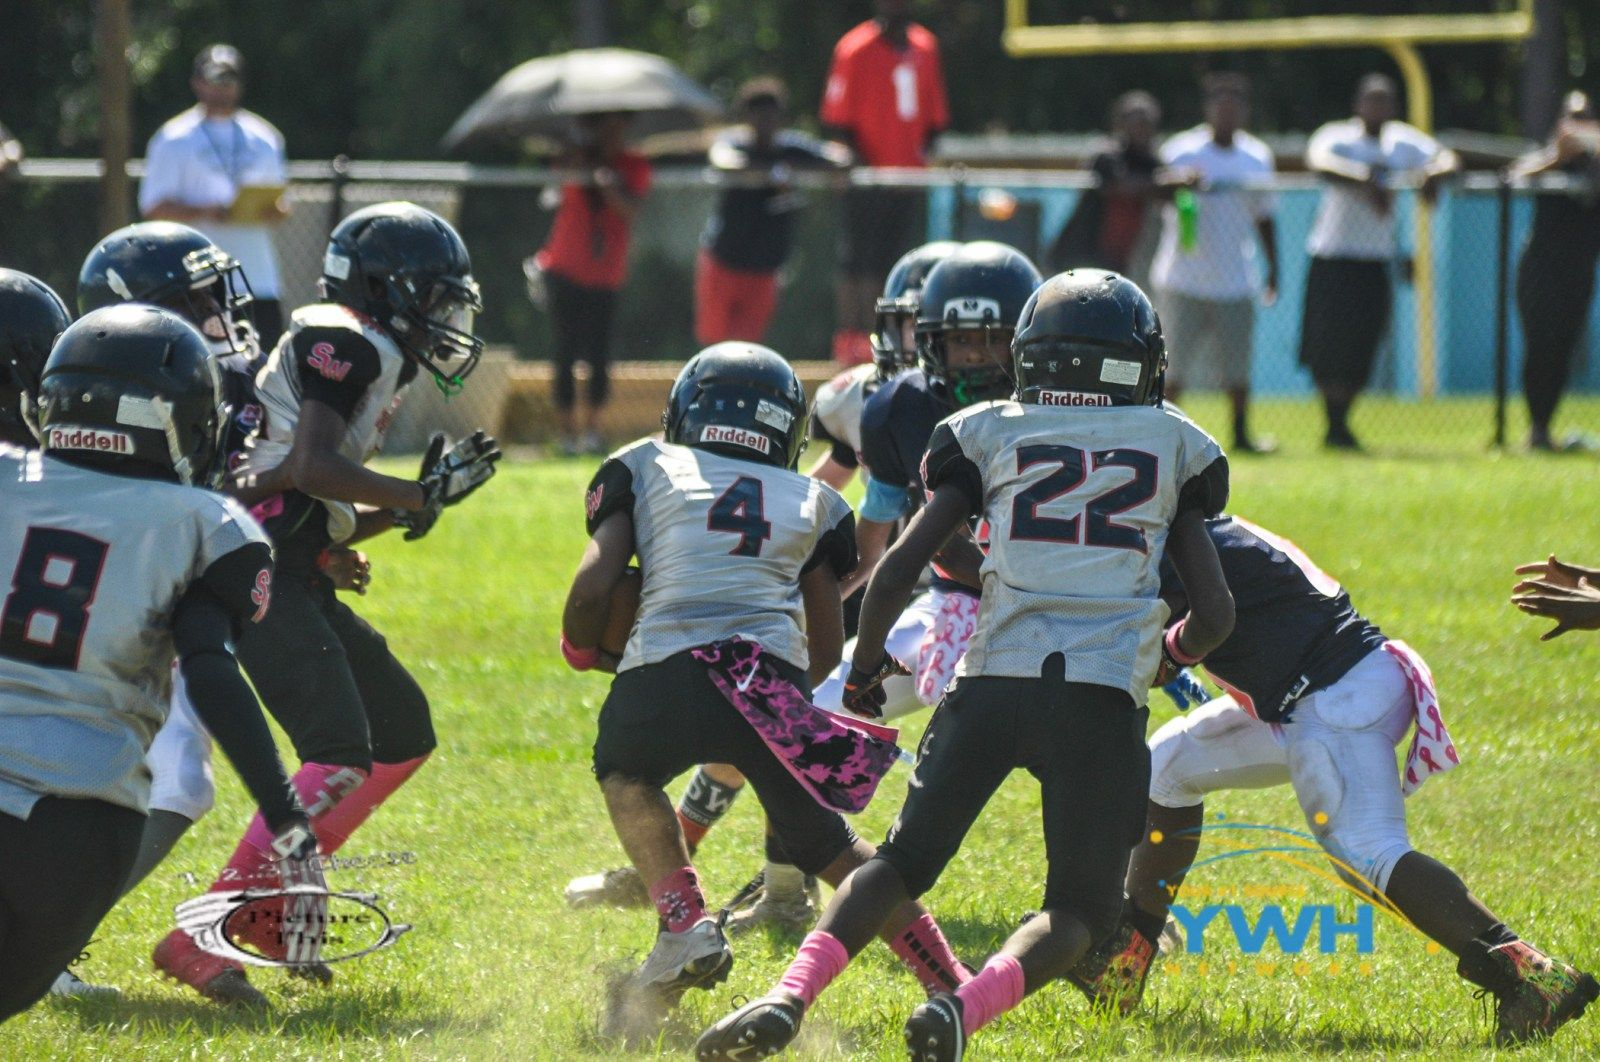 Westside Vs Sweetwater Popwarner Saturday Football Helmets Sweetwater Jacksonville